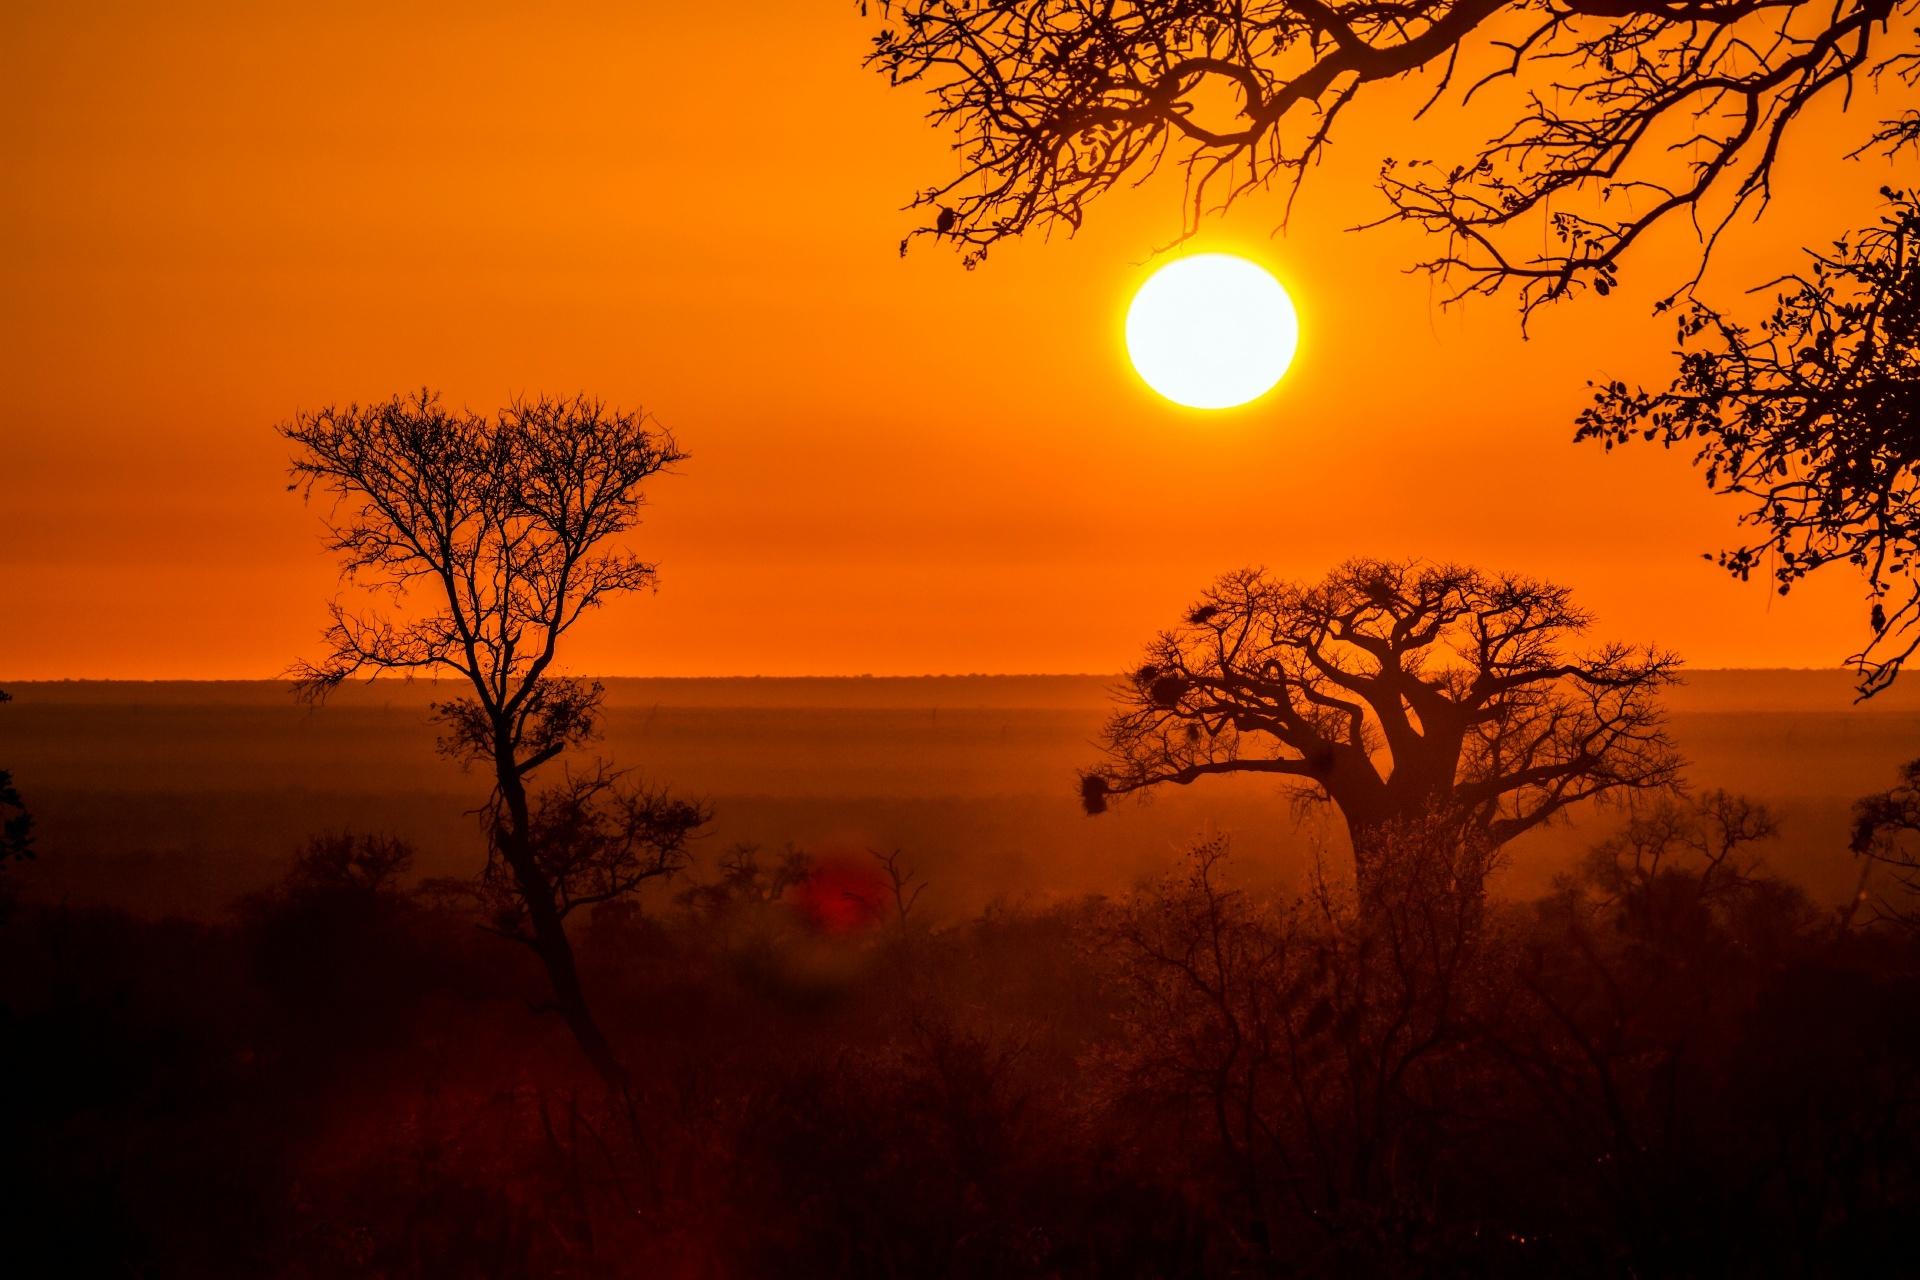 クルーガー国立公園の朝の風景 南アフリカの風景